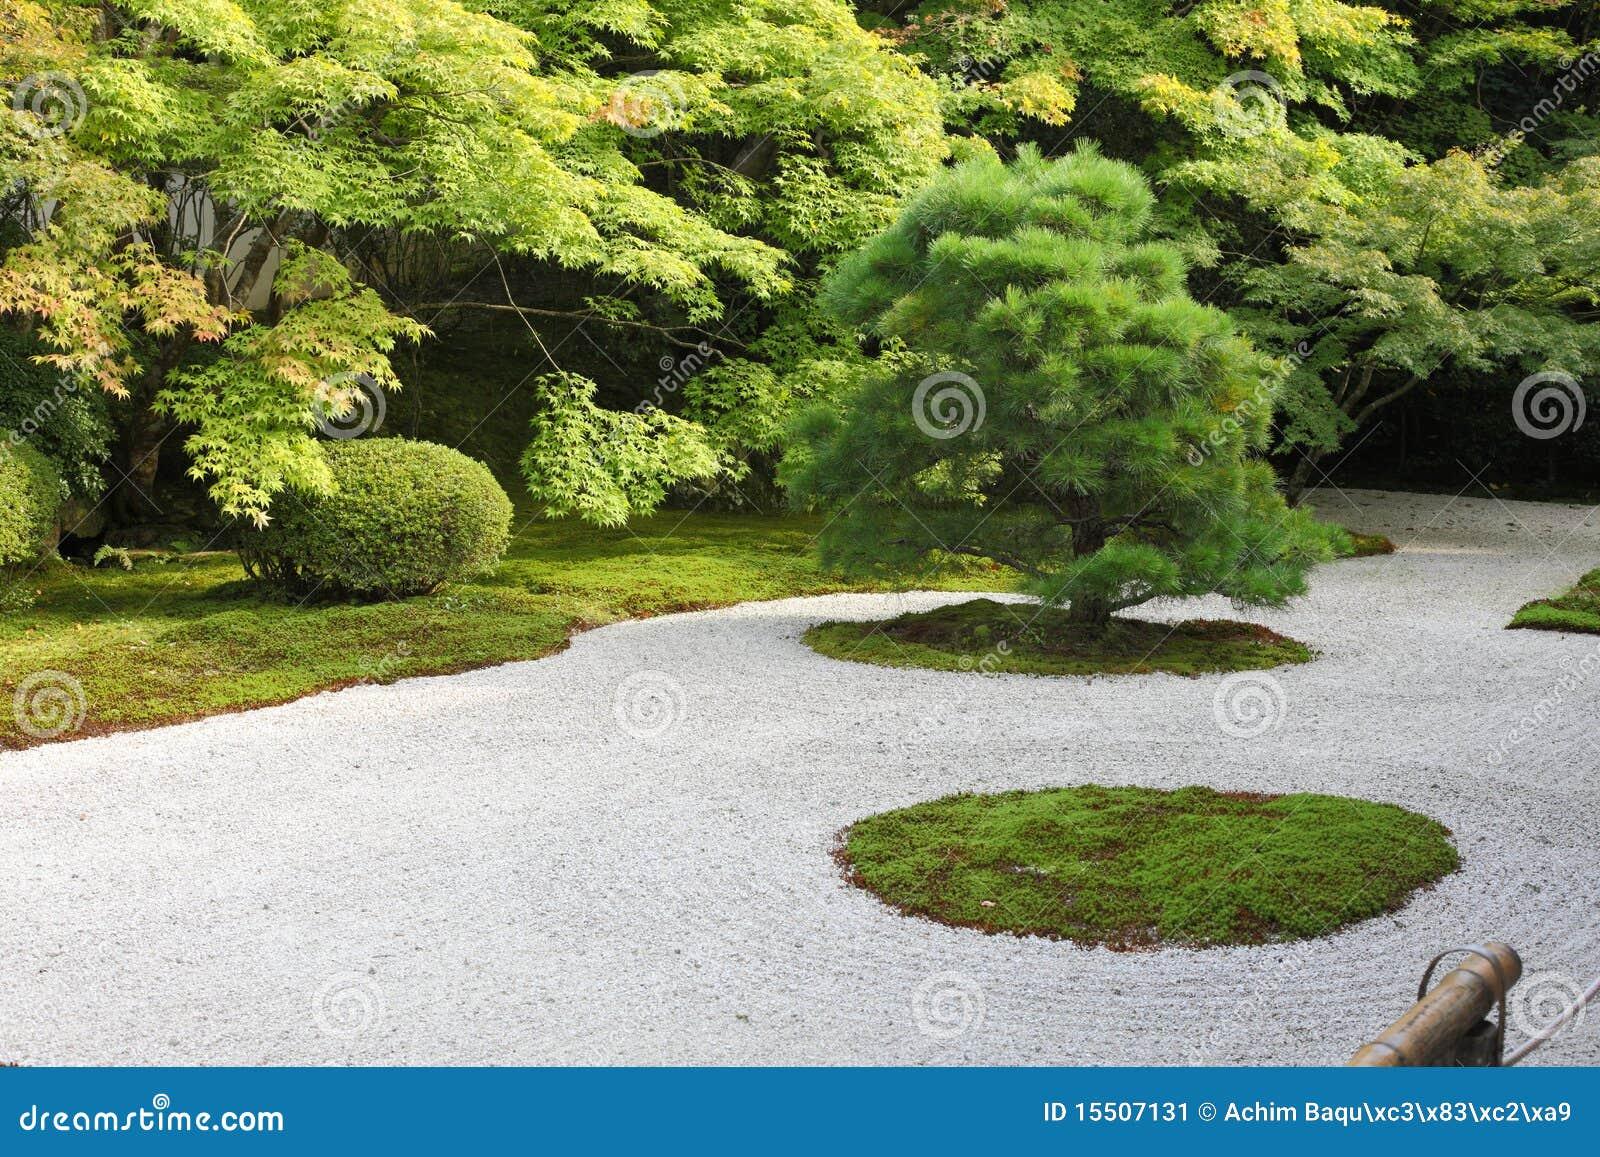 Japanese Rock Garden Japanese Rock Garden Stock Photo Image 57436735